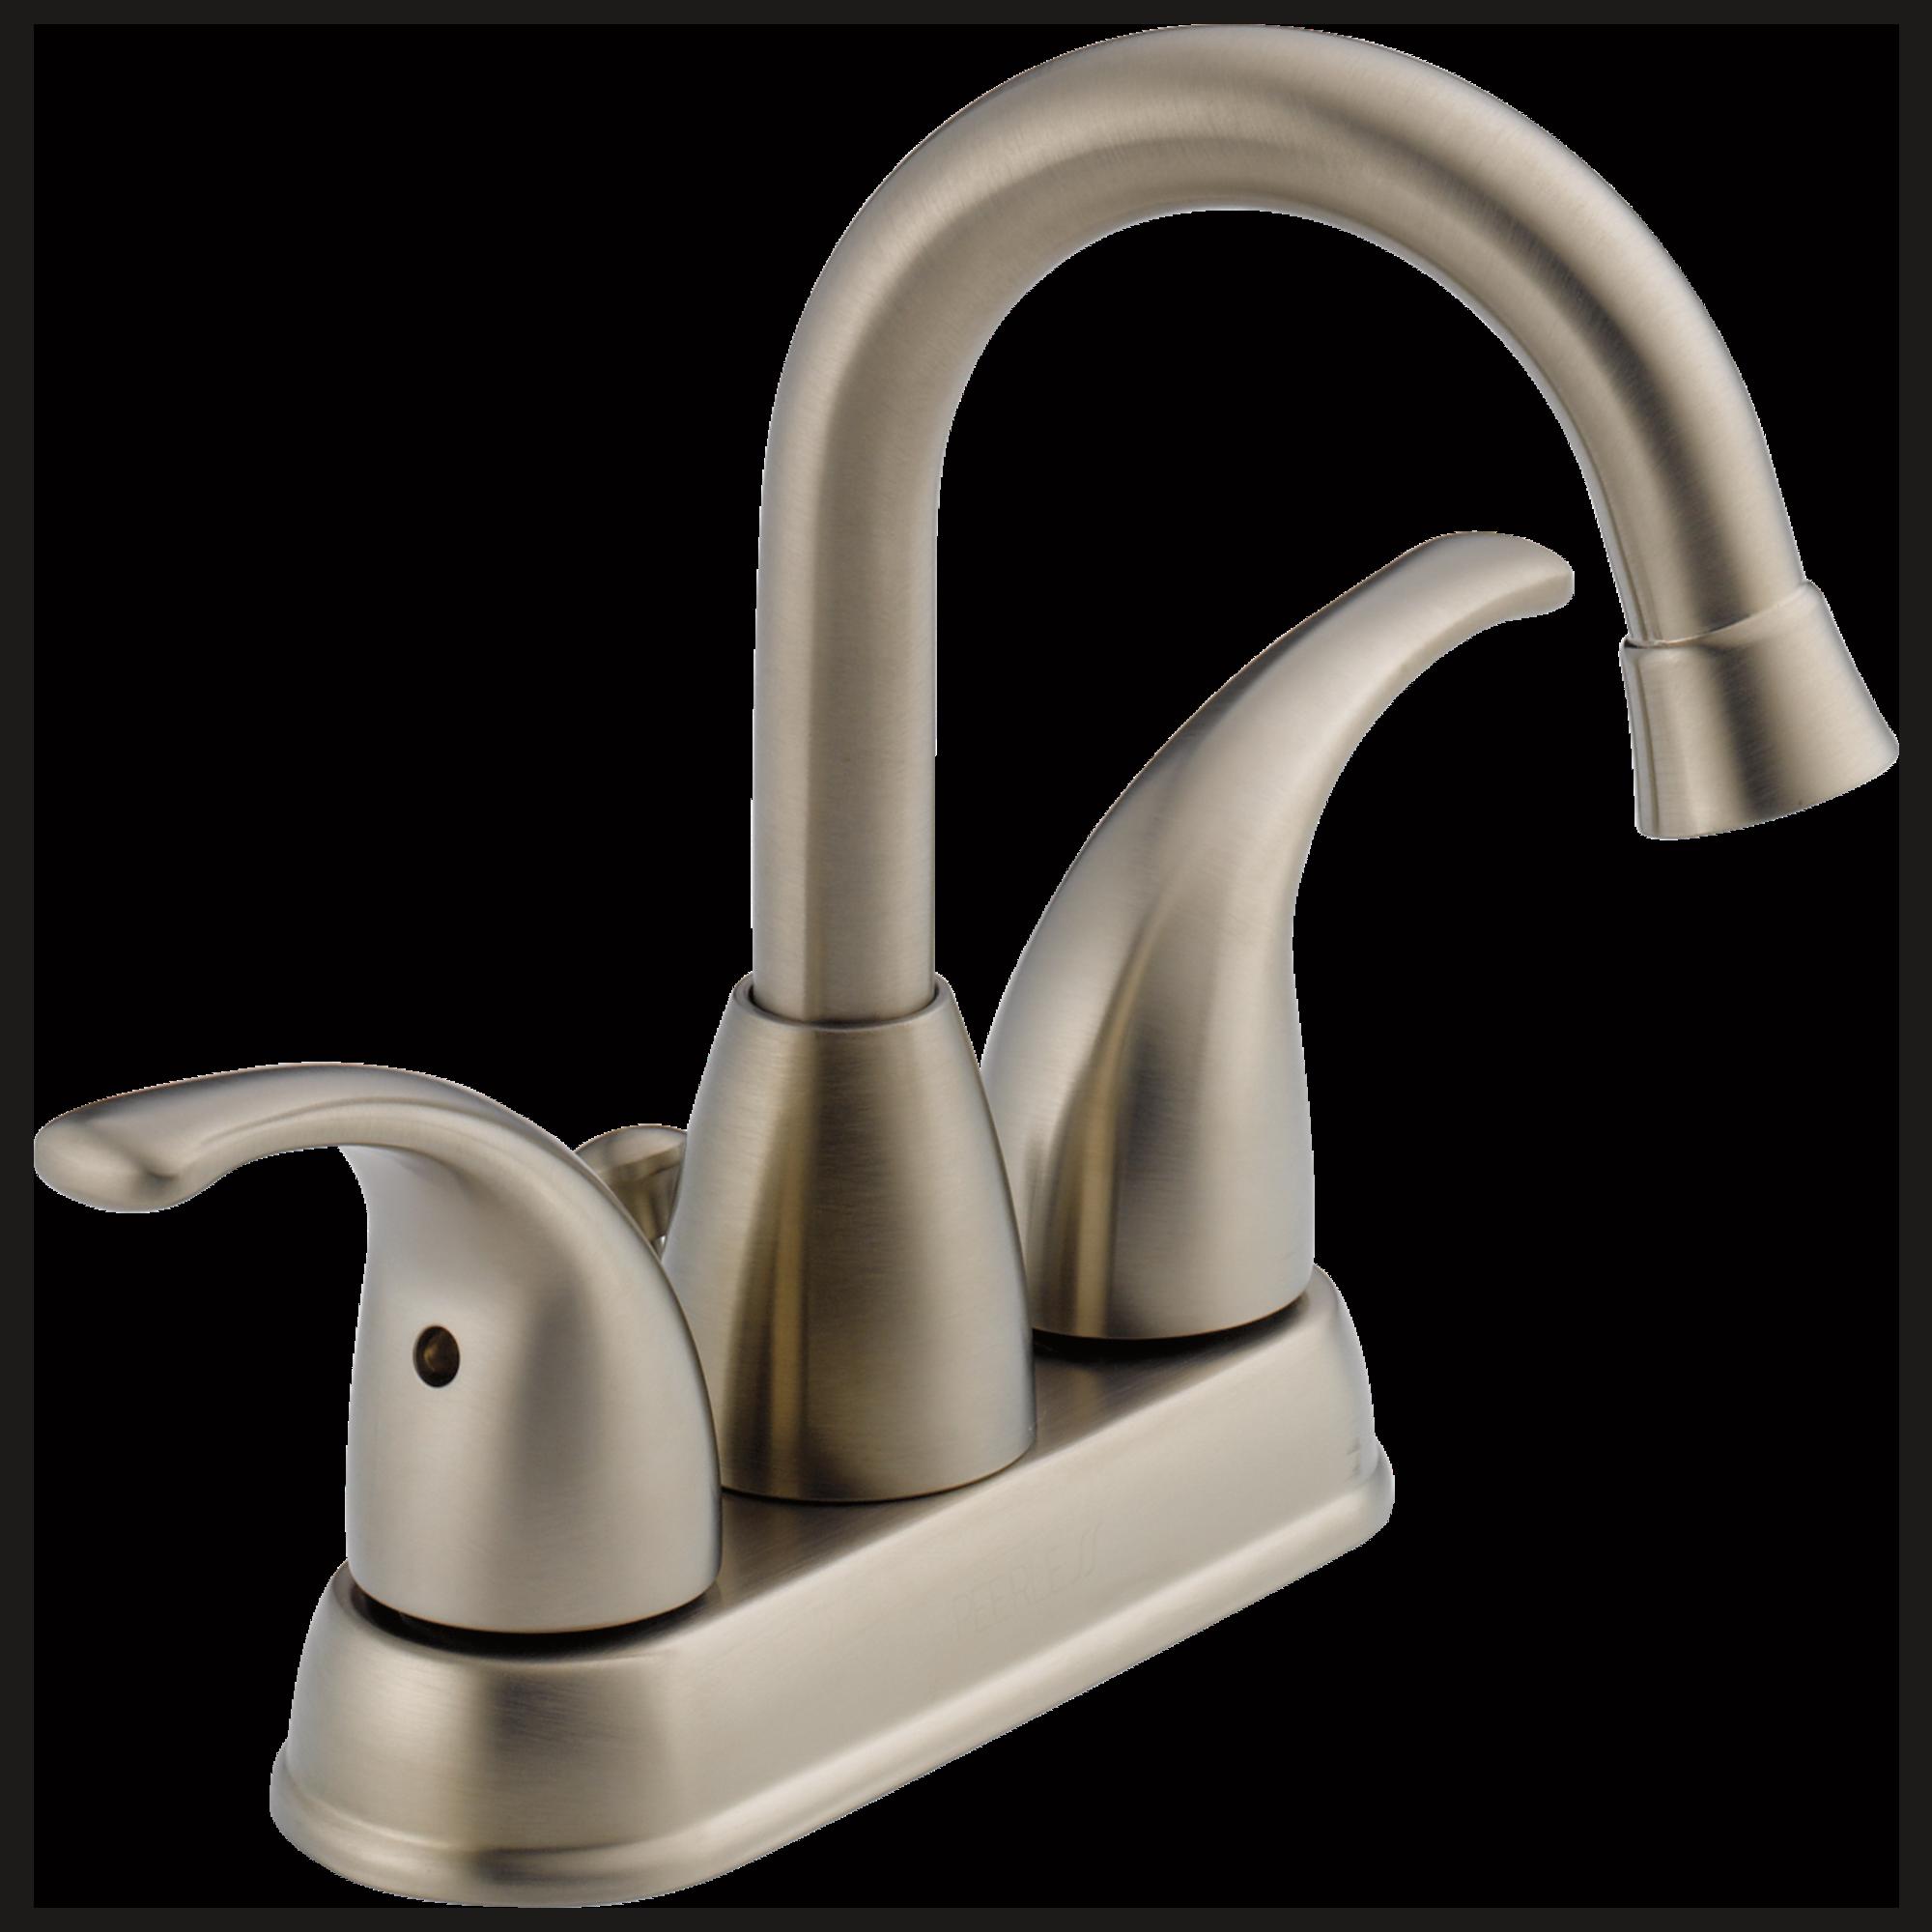 P99694LF-BN - Two Handle Centerset Lavatory Faucet